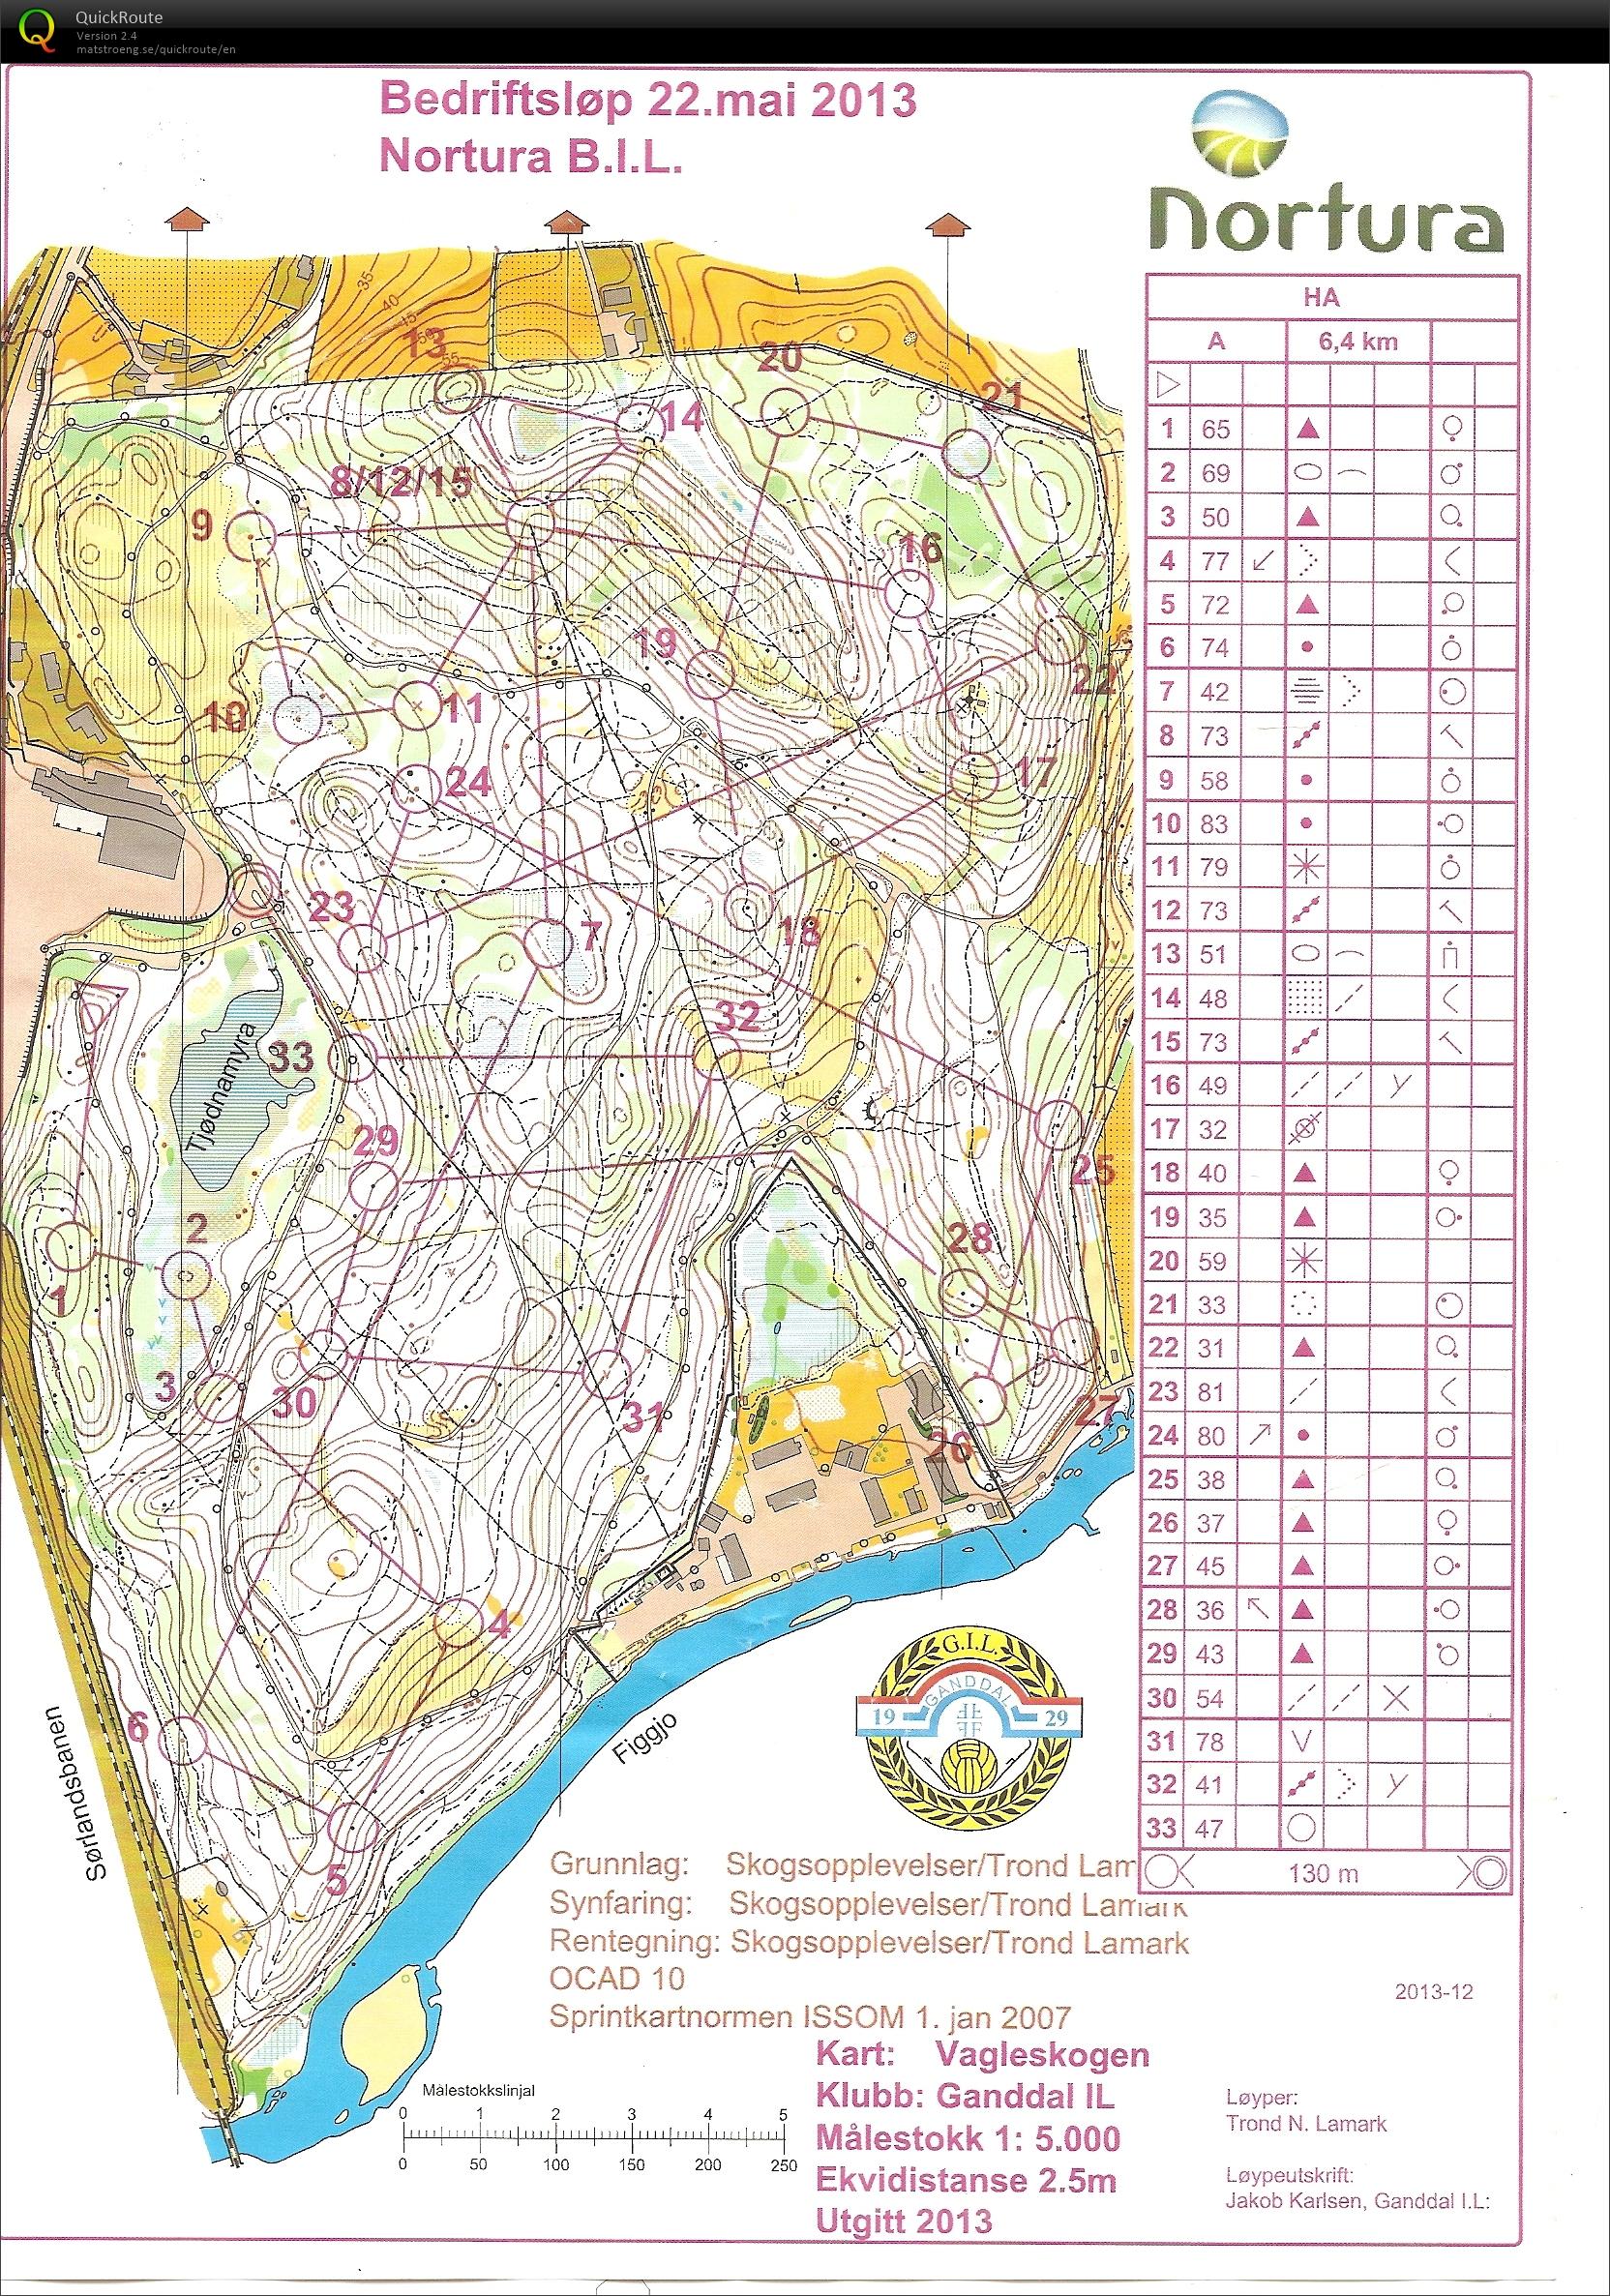 vagleskogen kart Bedriftsløp 7 Vagleskogen   May 22nd 2013   Orienteering Map from  vagleskogen kart